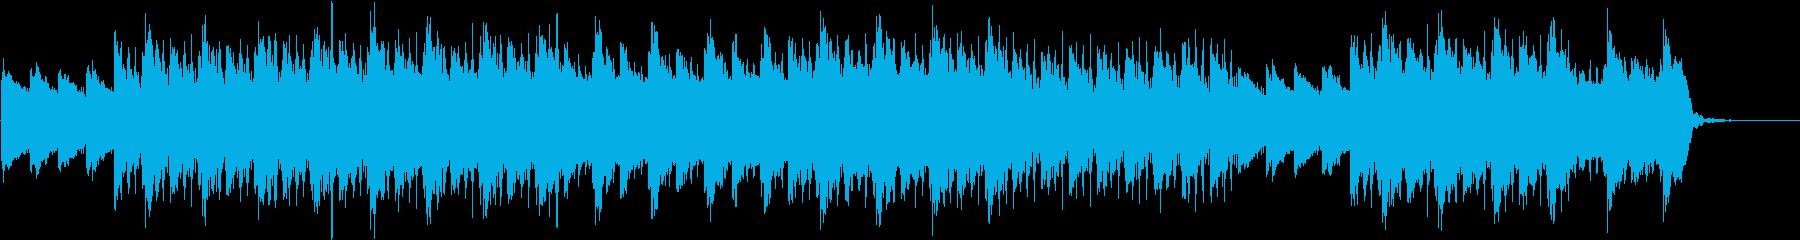 幻想的で切ないチルアウトの再生済みの波形